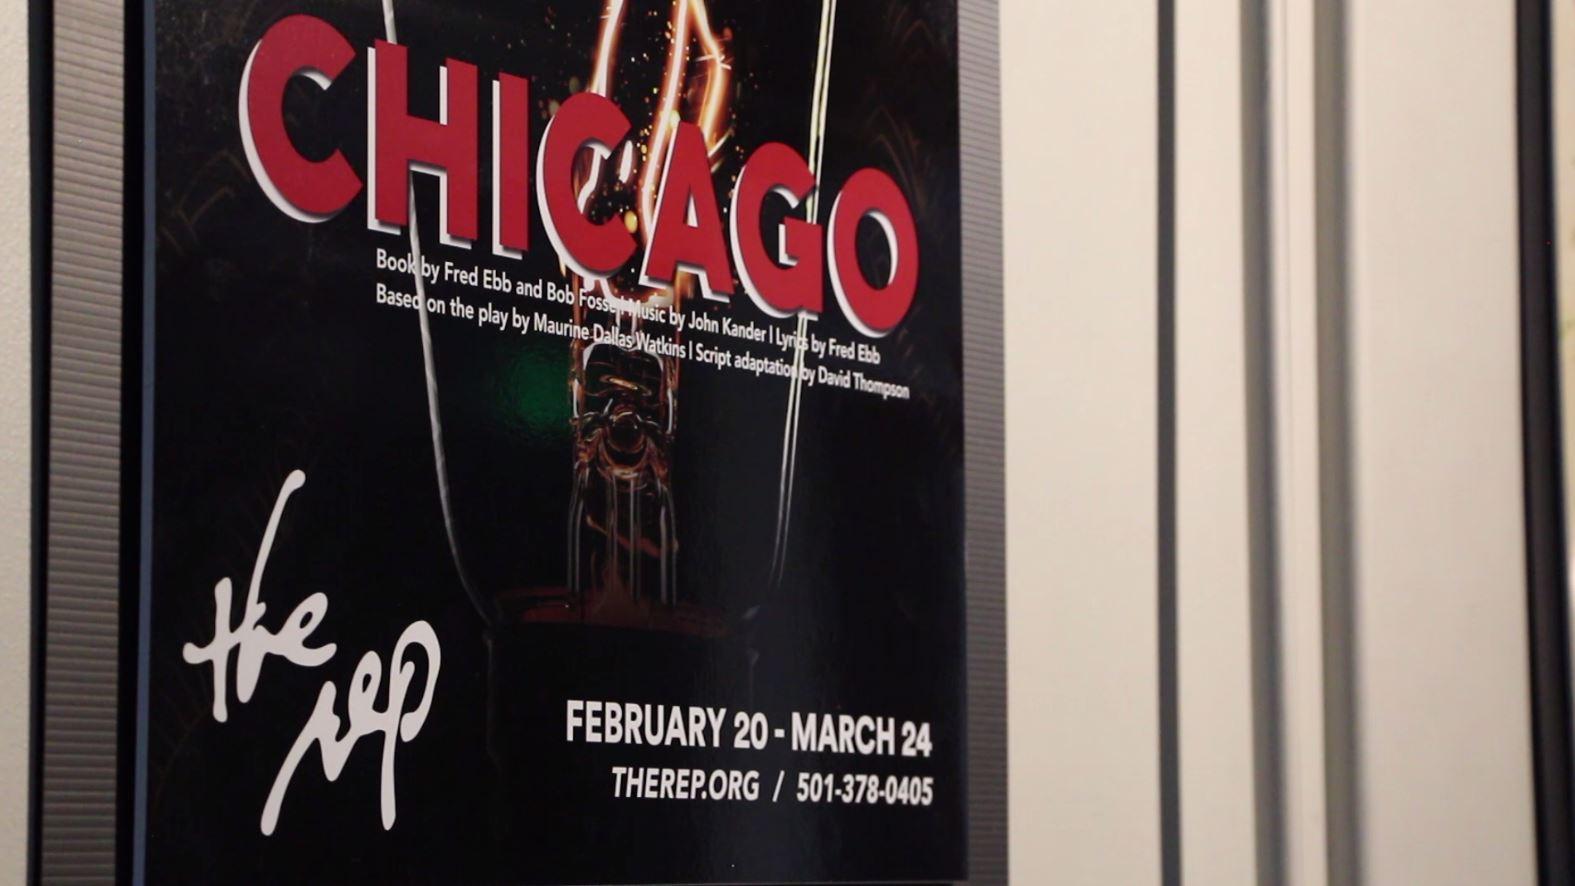 Chicago the Rep_1548282347097.JPG.jpg